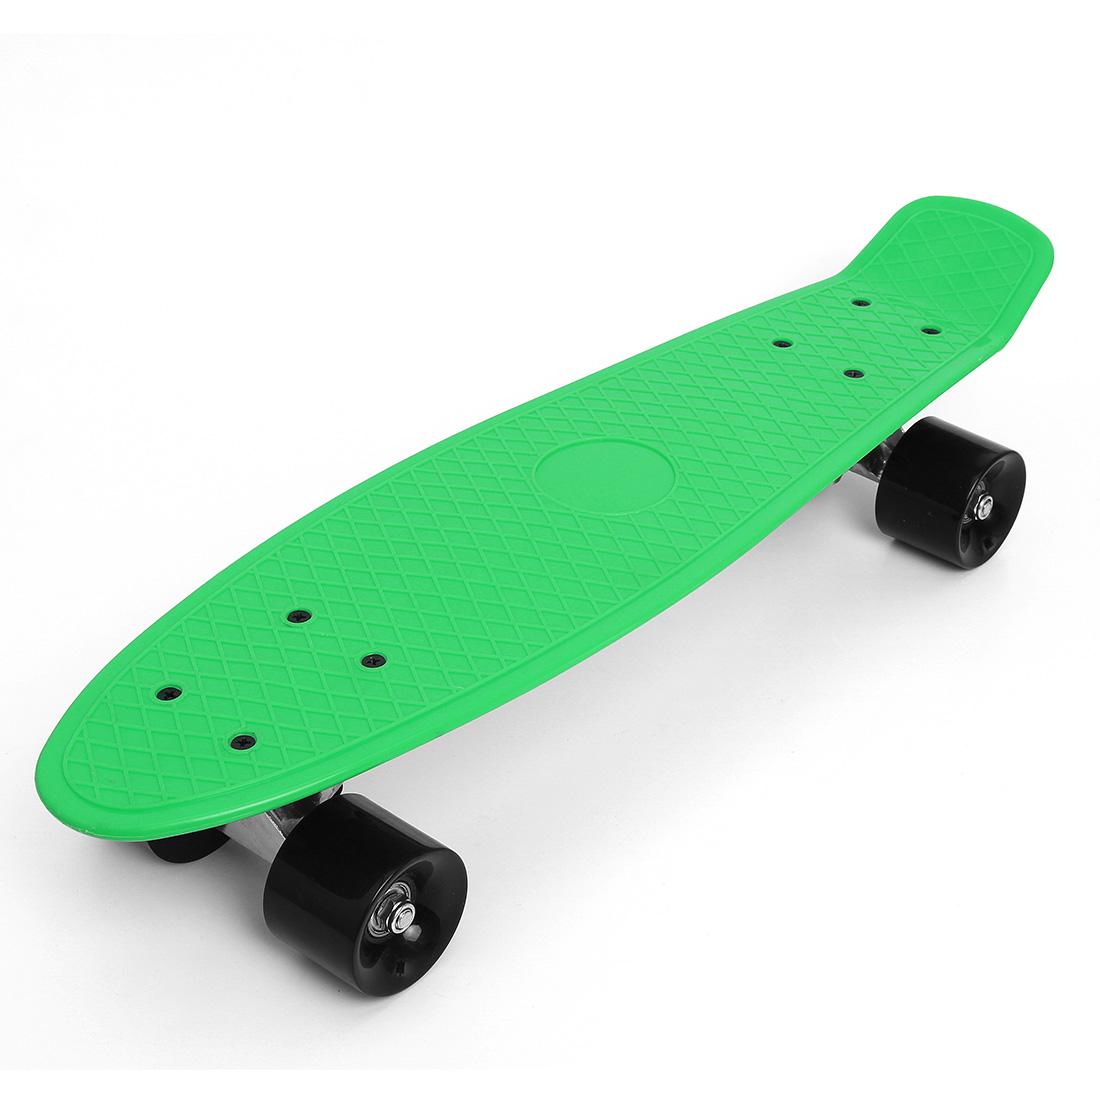 Retro-22-Cruiser-Style-Skateboard-Complete-Deck-Mini